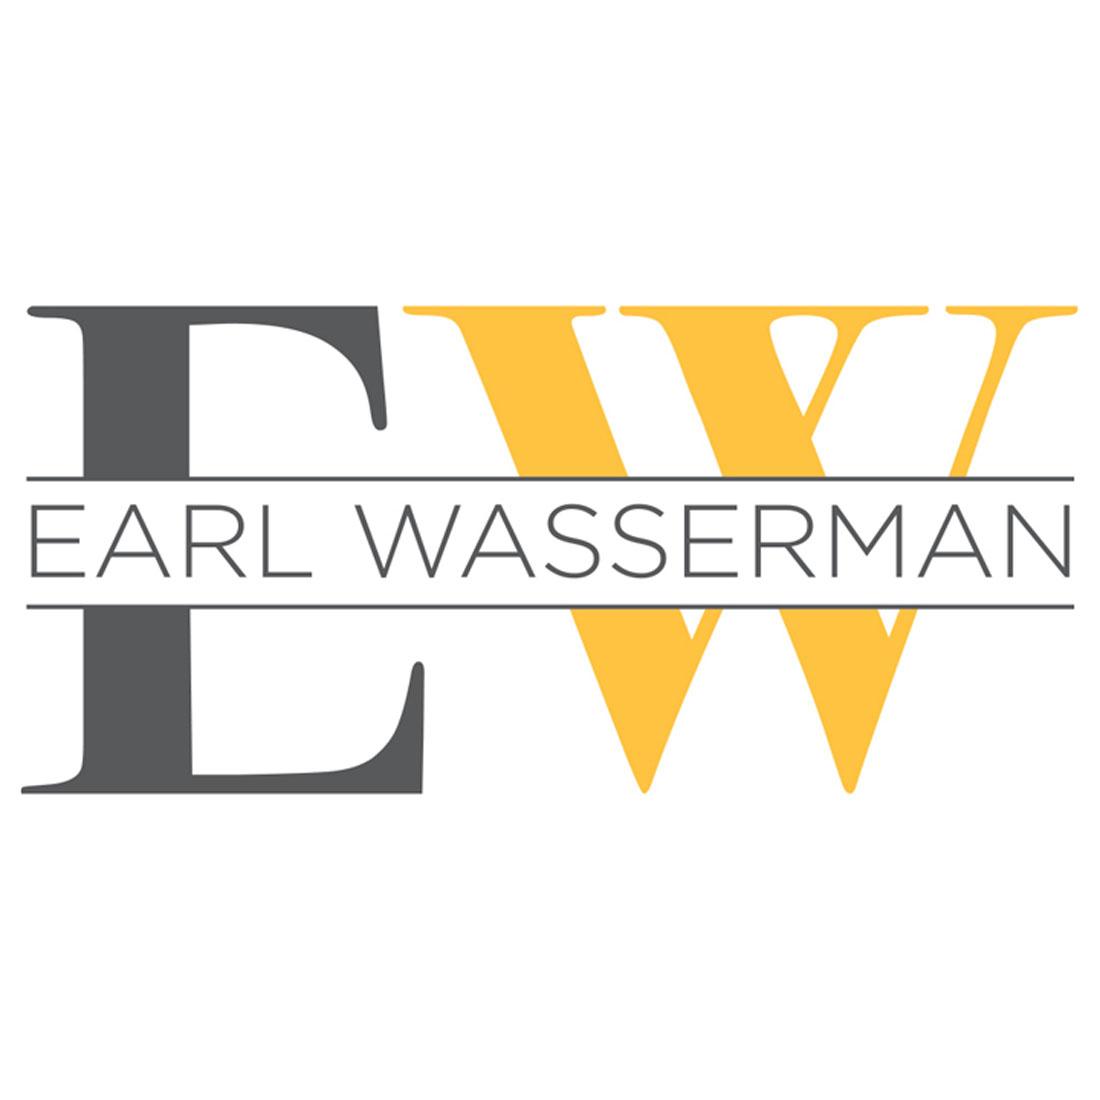 Earl Wasserman LLC